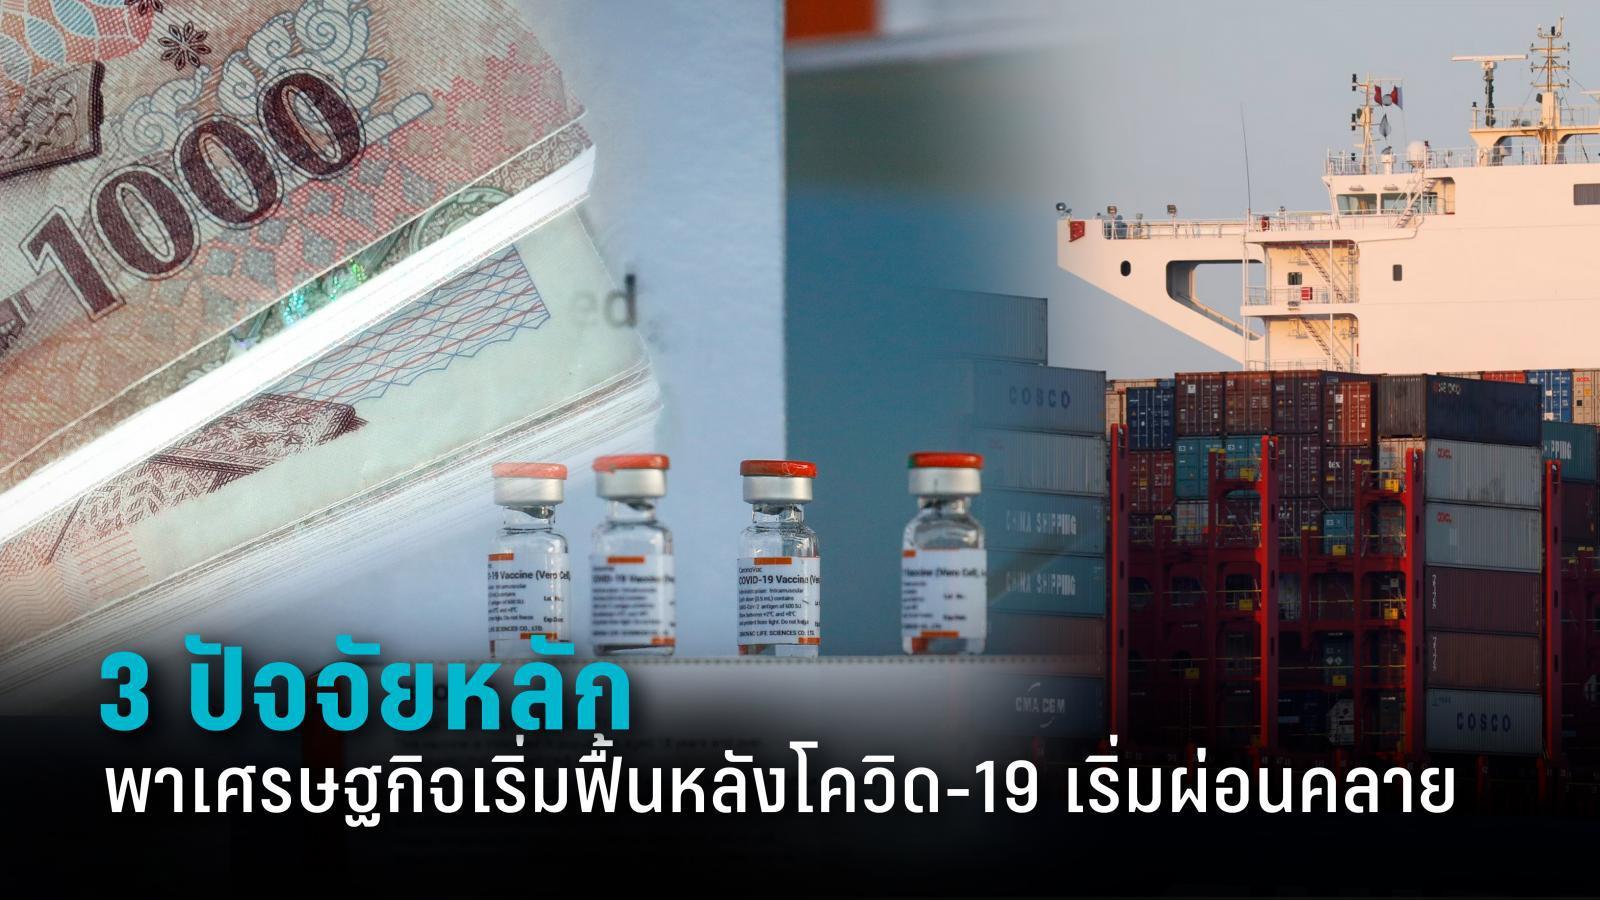 3 ปัจจัยหลักพาเศรษฐกิจไทยทยอยปรับตัวดีขึ้นหลังโควิด-19 เริ่มผ่อนคลาย